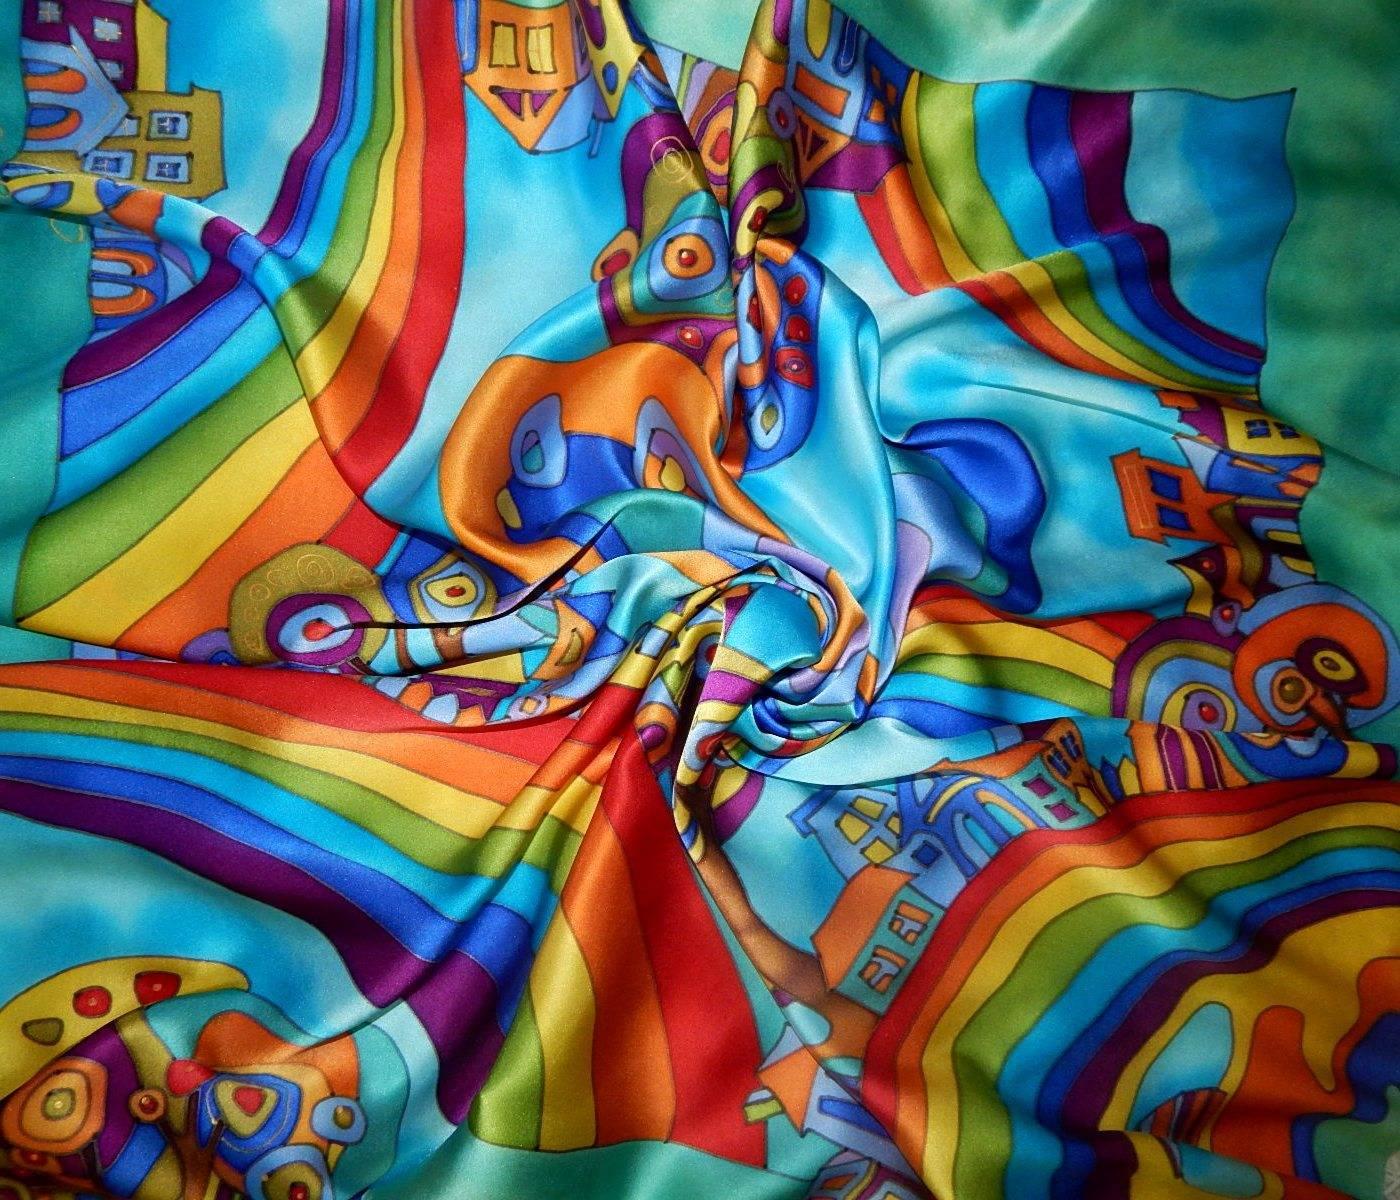 """Платок атласный из серии """"Город радуг"""" с полосой цвета мяты по периметру выполнен в технике """"холодный батик"""" Яркие, насыщенные, сочные, радостные, позитивные оттенки в цветовой гамме изделия непременно подчеркнут Вашу индивидуальность и придадут образу яркости! А струящийся нежный шелк - атлас придадут женственности и неповторимости!"""